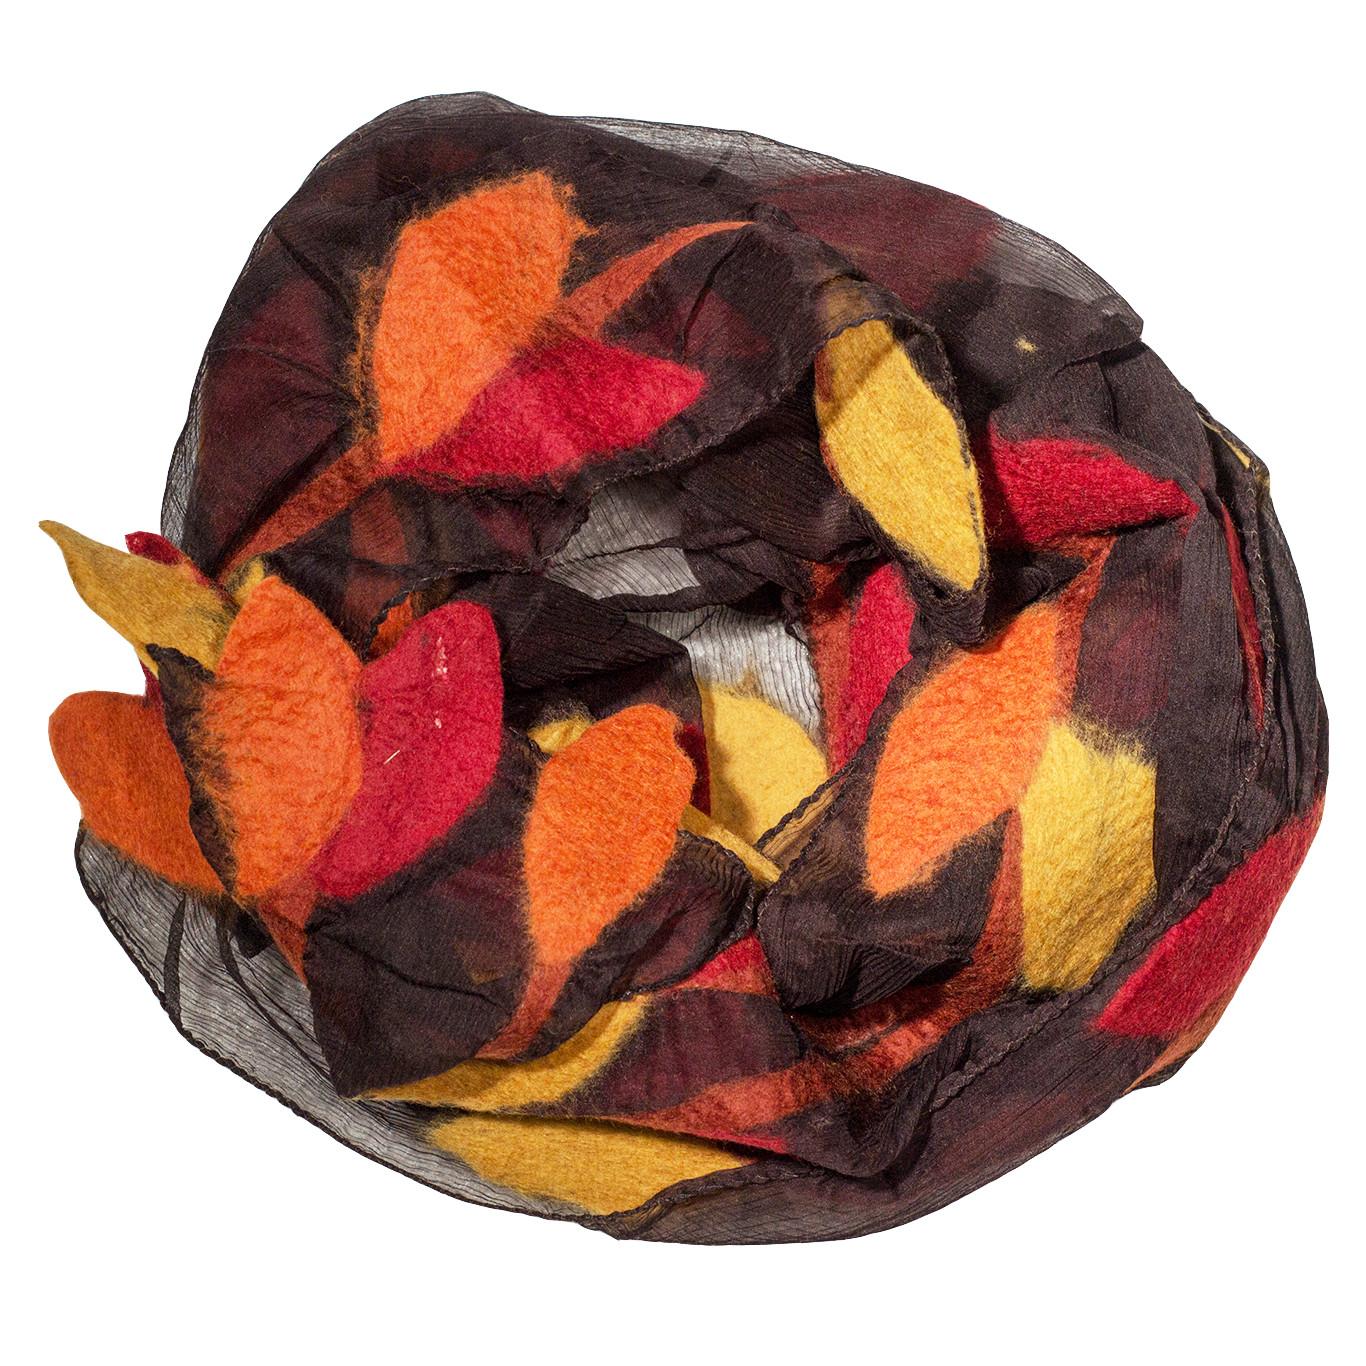 MooiVilt Sjaal Vilt Blaadjes Bruin/Geel/Oranje/Rood